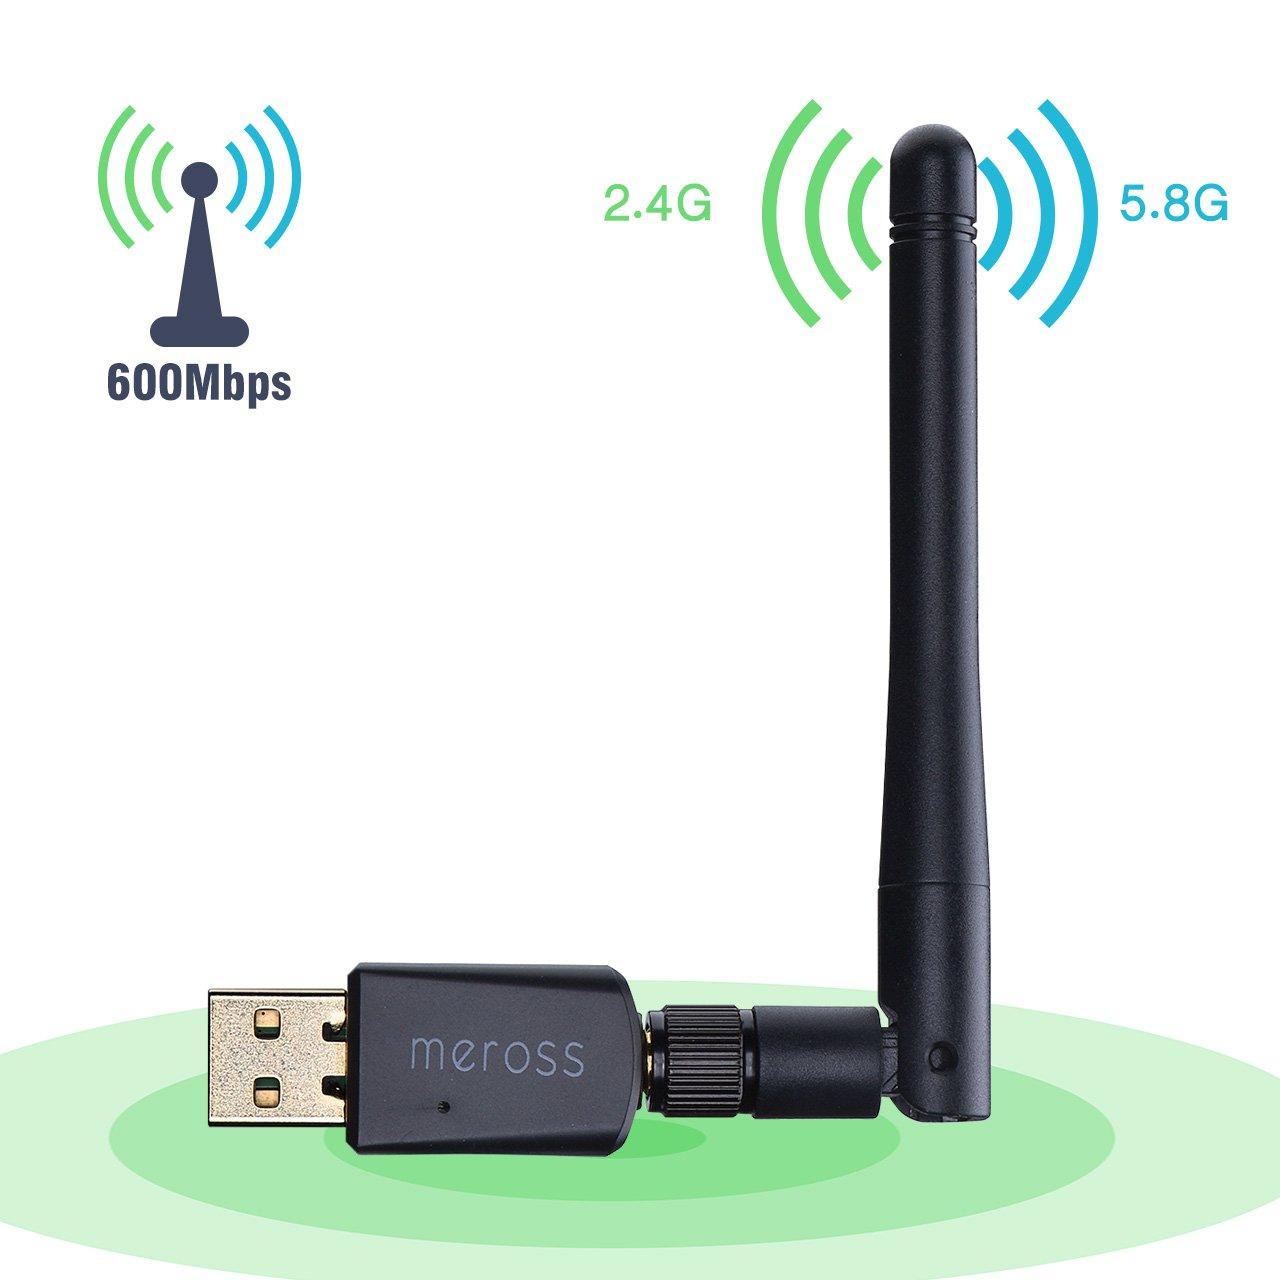 VicTsing Adaptador Antena WiFi USB Largo Alcance 600Mbps, Adaptador Inalámbrico,Dual Band (5GHz